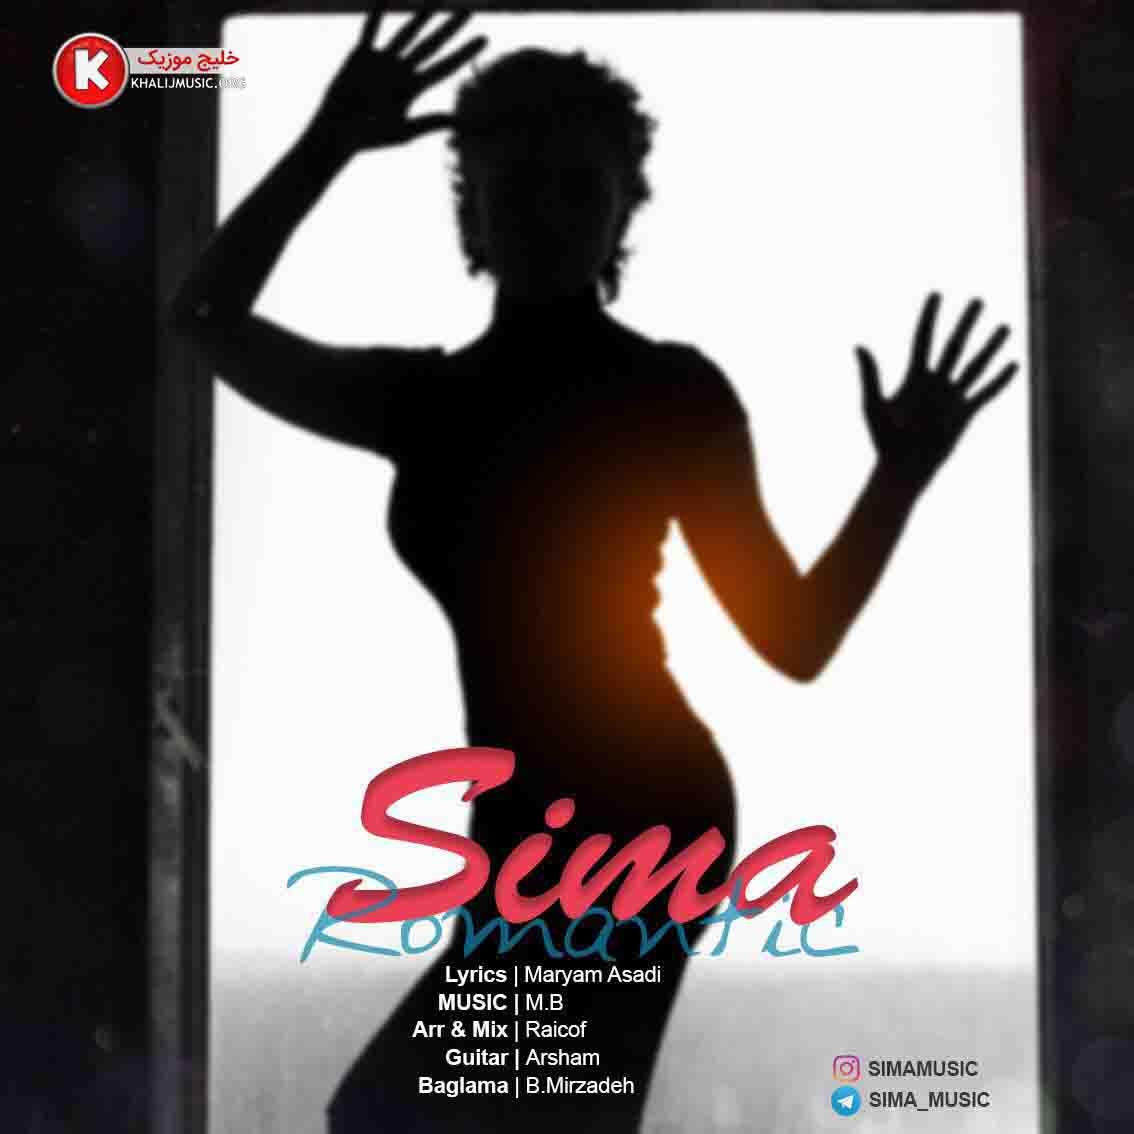 سیما دانلود آهنگ جدید و بسیار زیبا و شنیدنی بنام رمانتیک